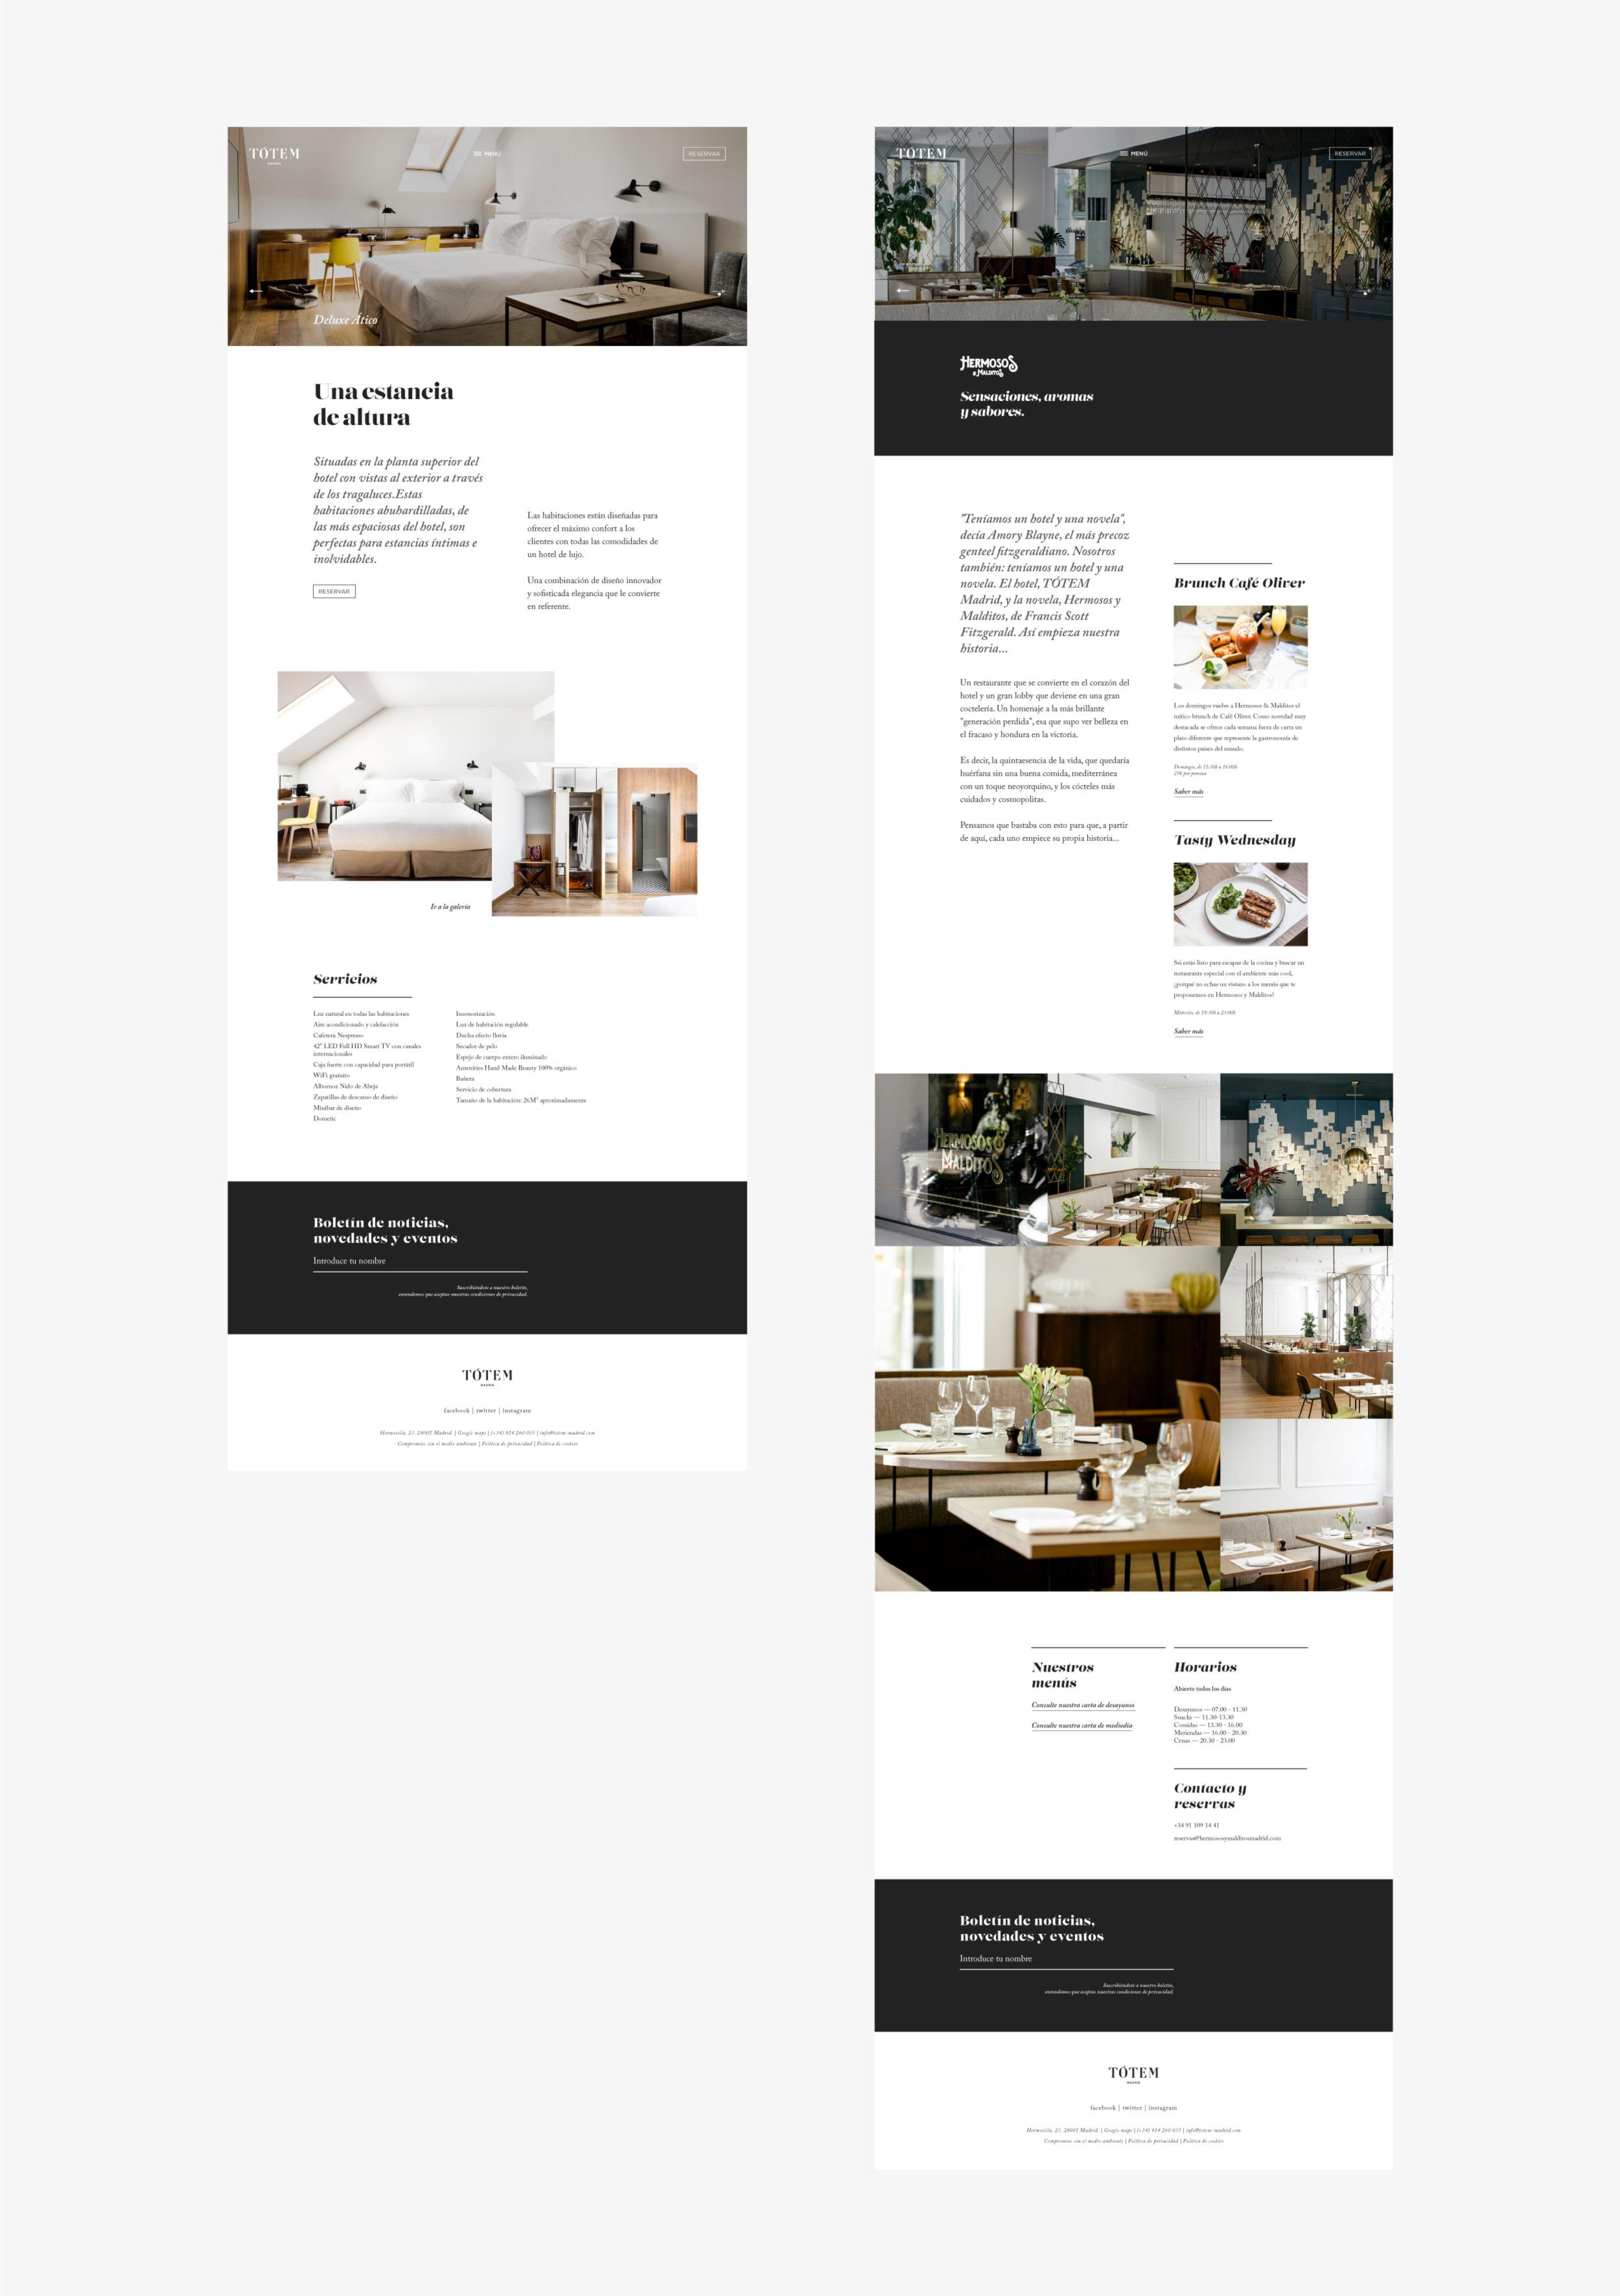 Tótem Madrid hotel web páginas detalle